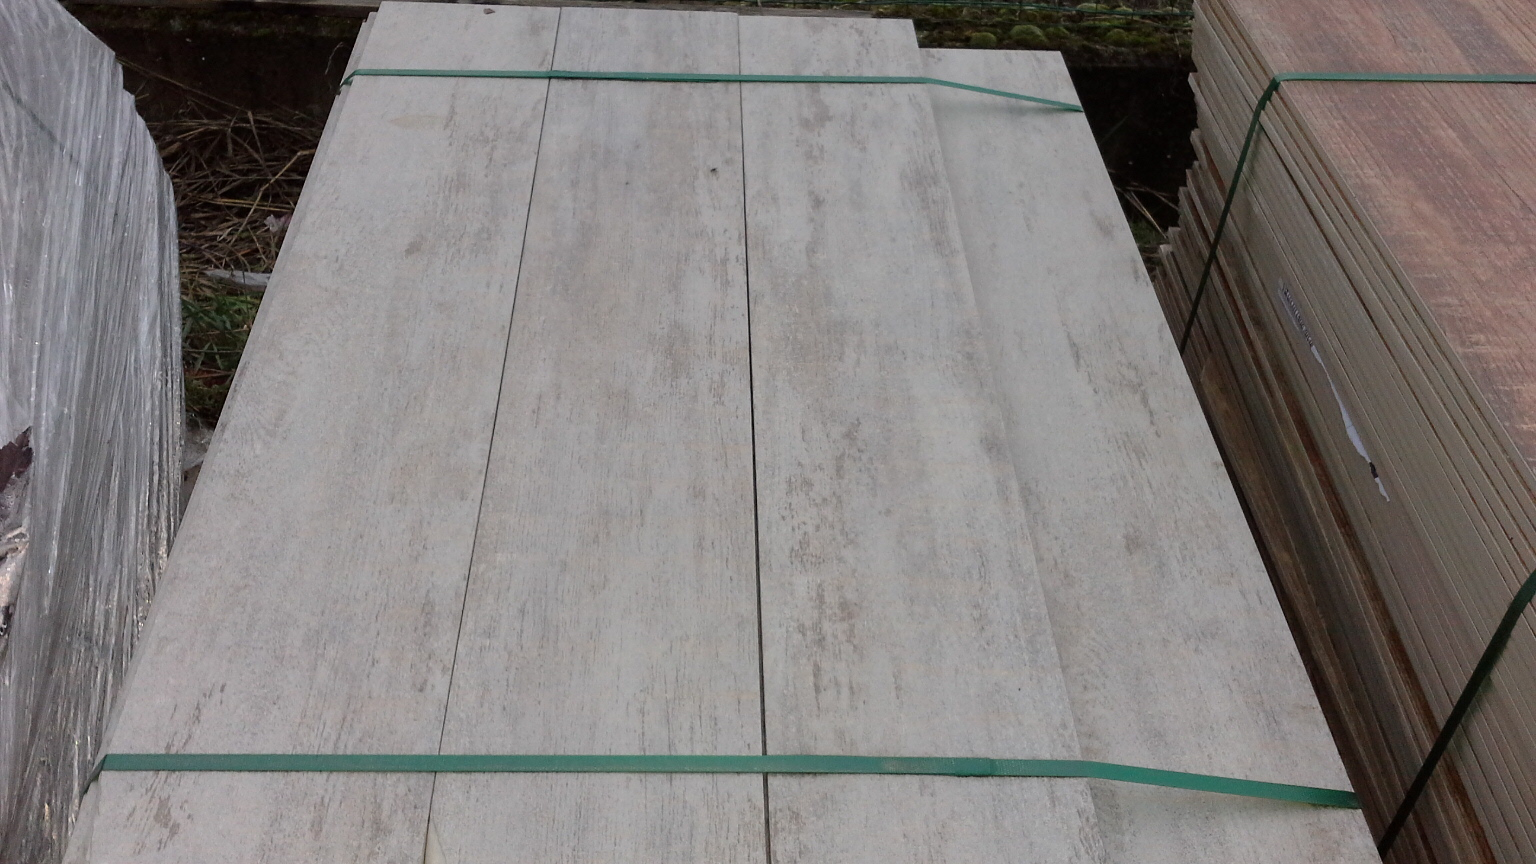 Stock piastrelle per esterni garden gres porcellanato per giardini